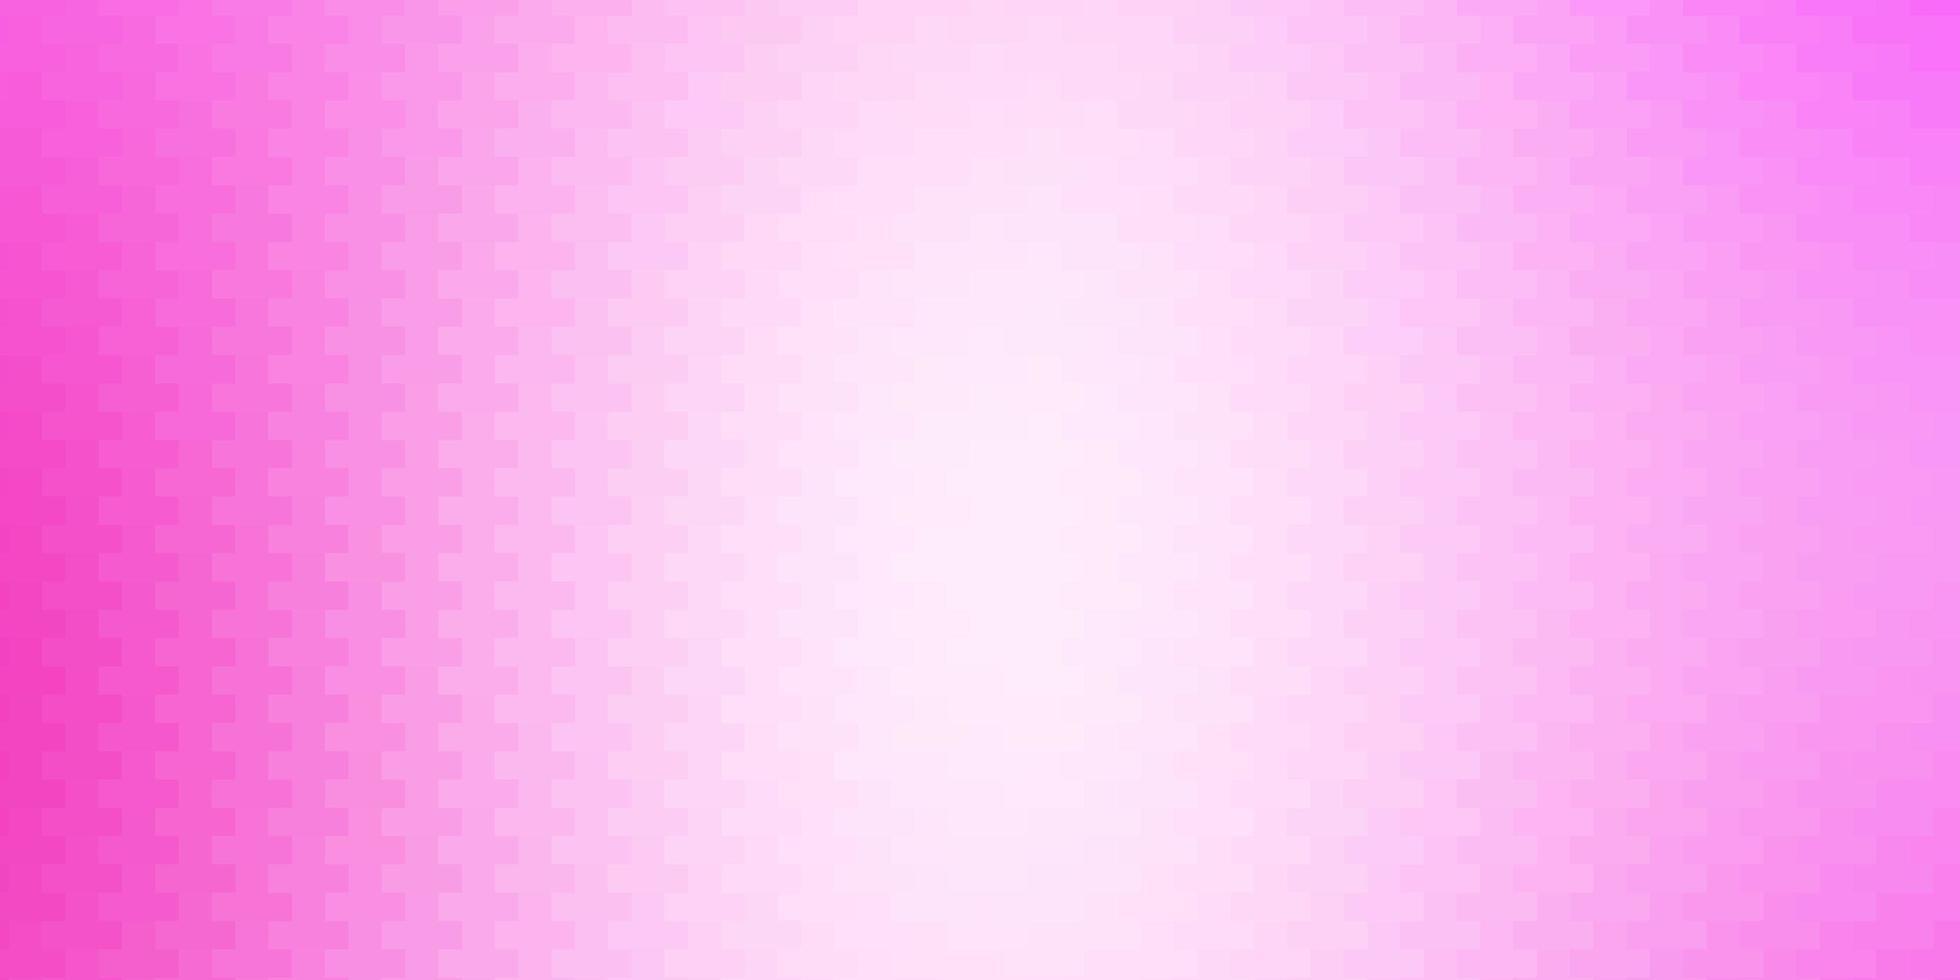 toile de fond de vecteur rose clair avec des rectangles.